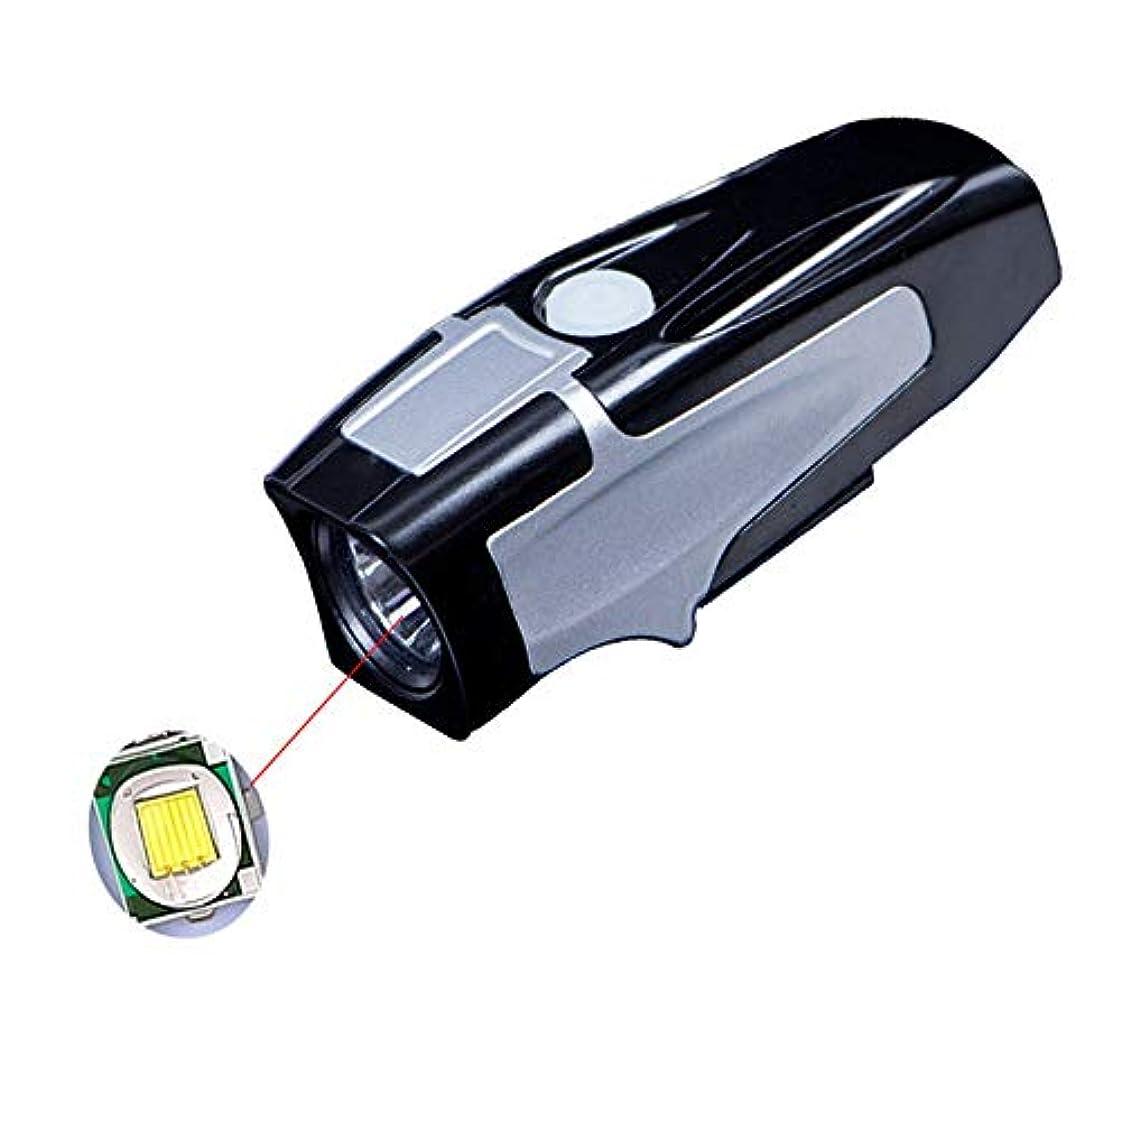 腹痛流行式USB の充電式自転車のヘッドライト、極度の明るい導かれたライトは夜に880の内腔のアルミニウム防水安全なサイクリングを取付けること容易に